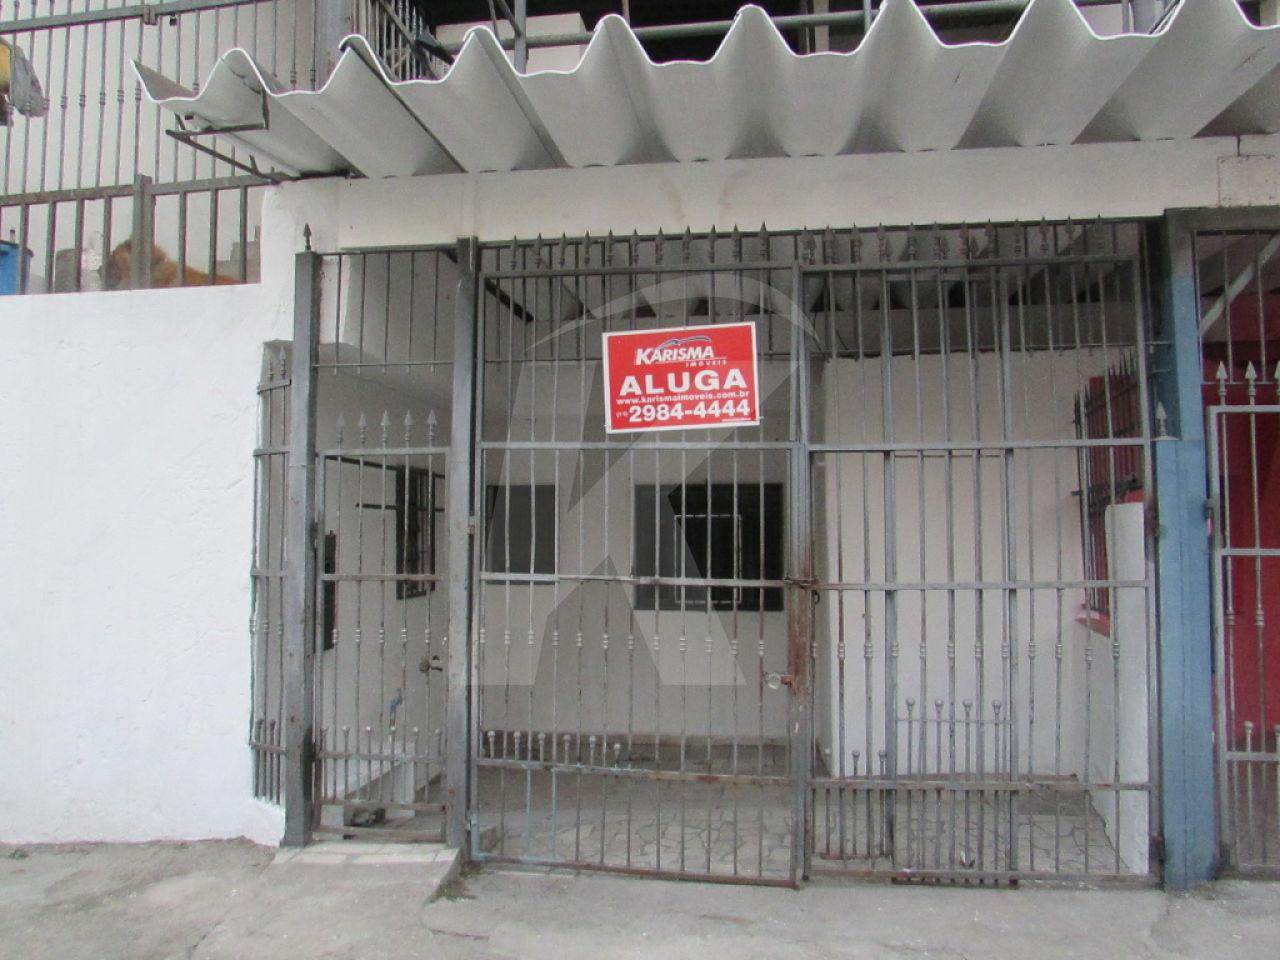 Alugar - Casa  - Parque Edu Chaves - 2 dormitórios.